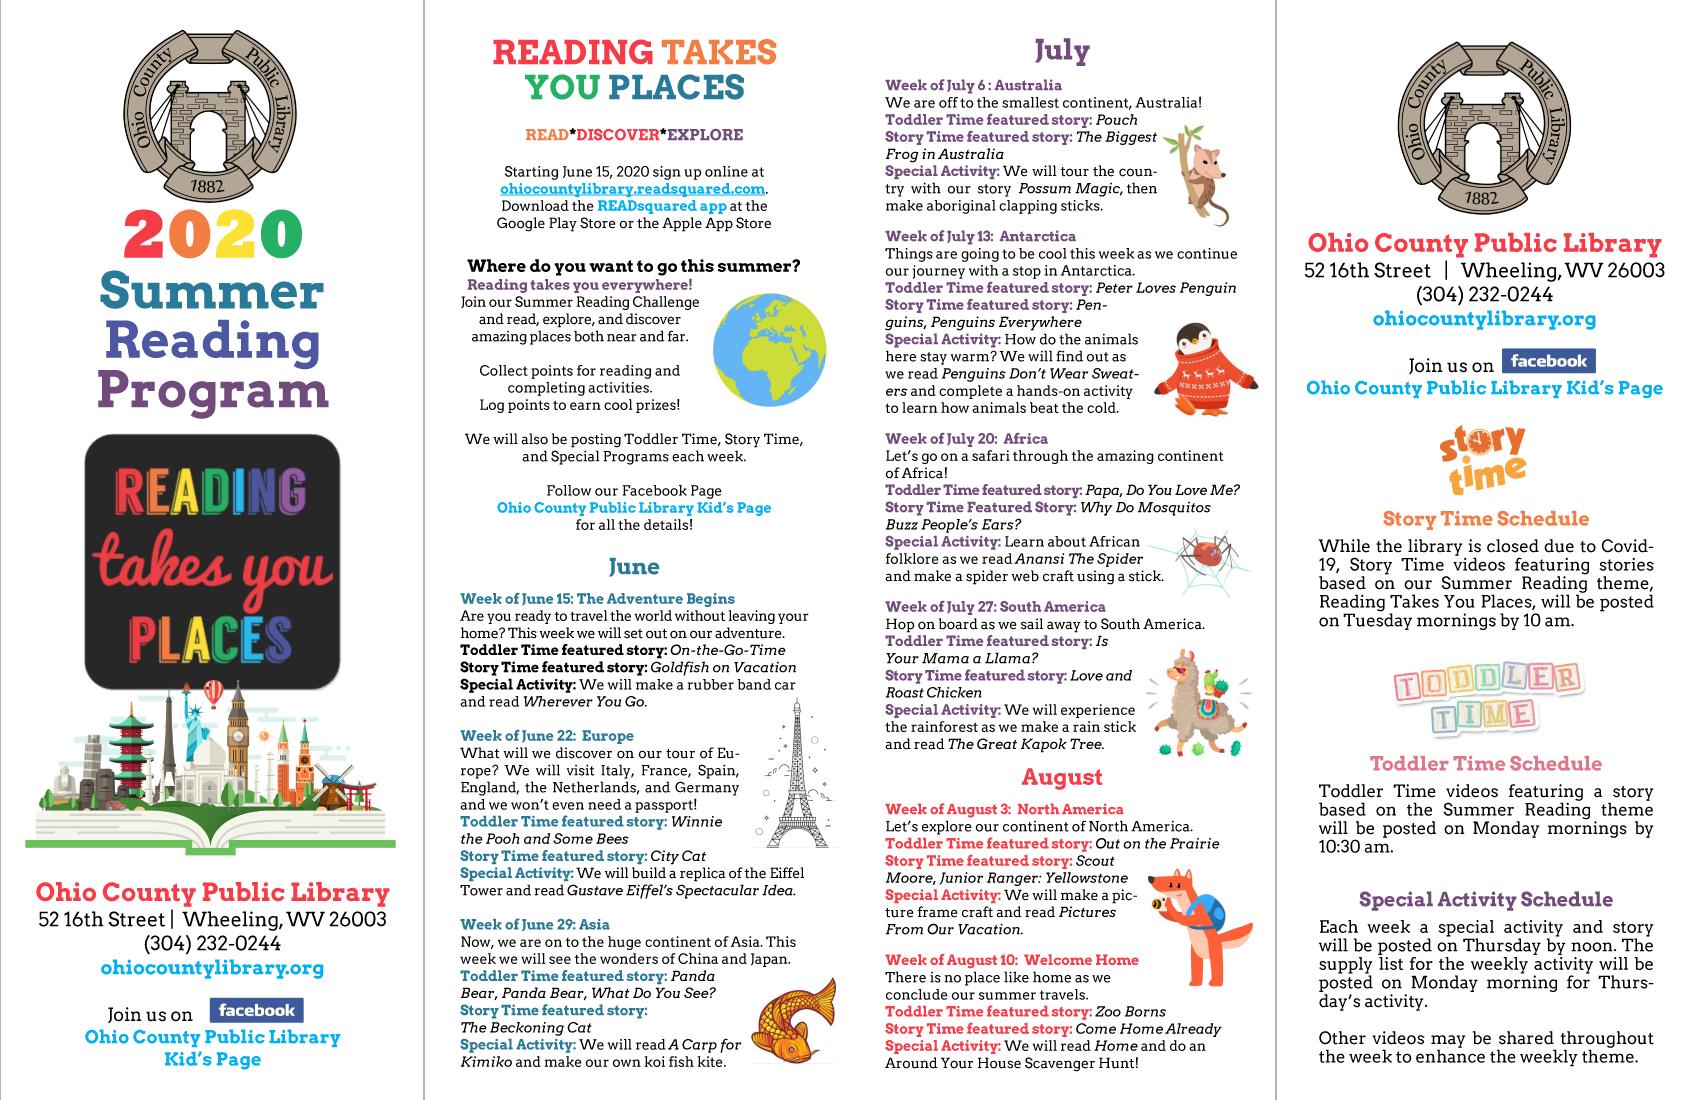 OCPL Toddler Time Schedule - Summer 2020